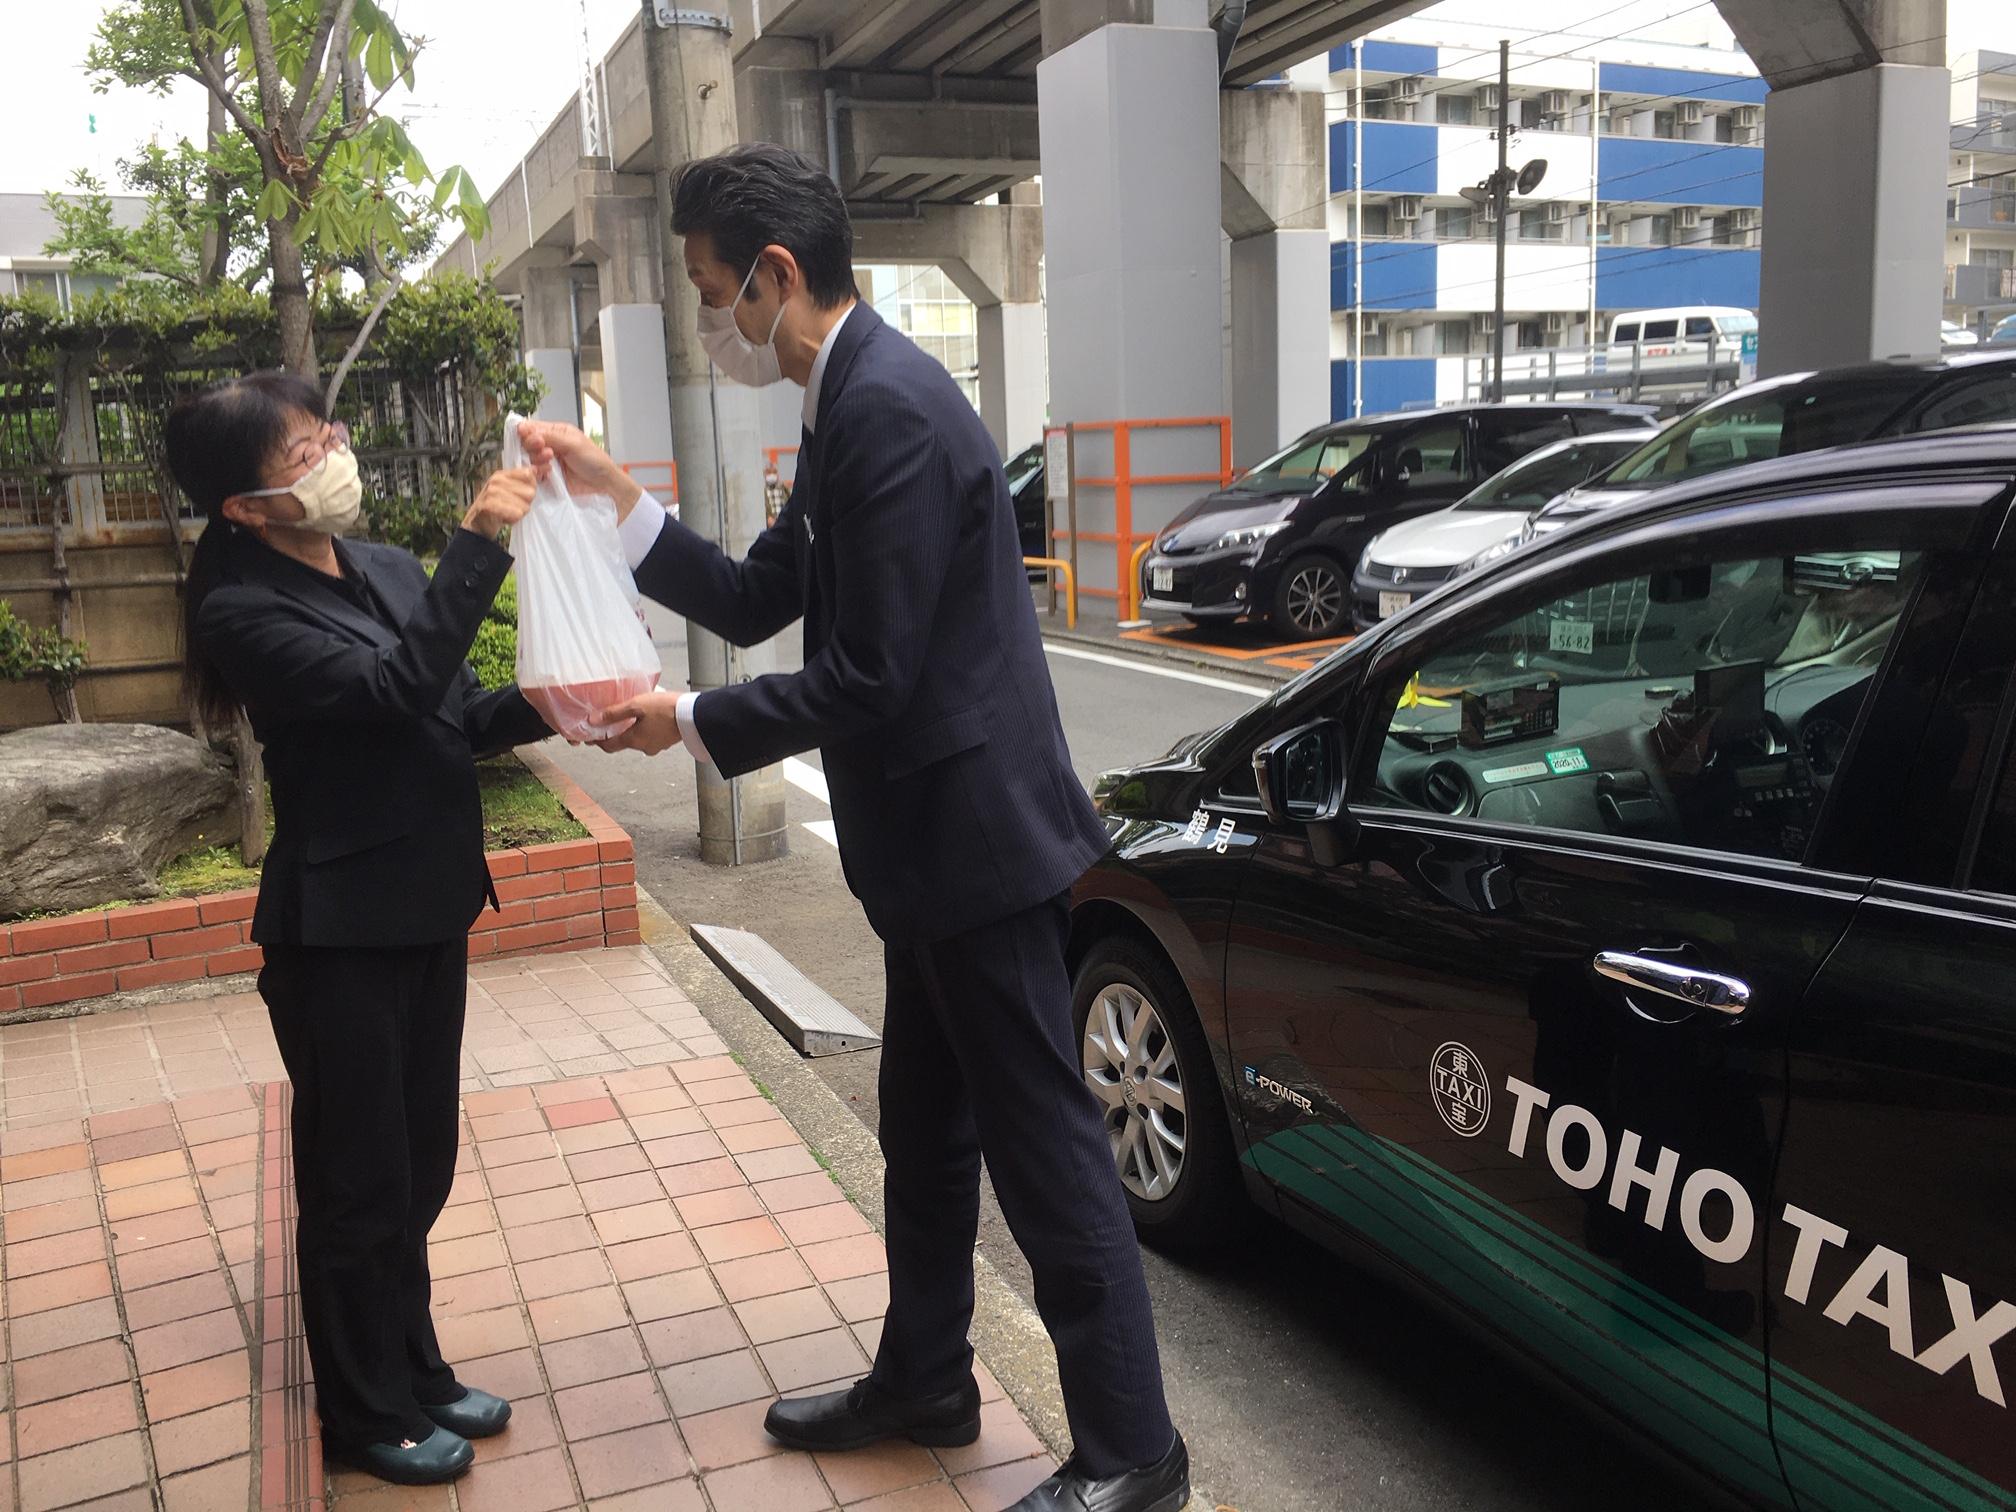 【絶賛配達中!】#うちメシ応援プロジェクトのタクシーデリバリー